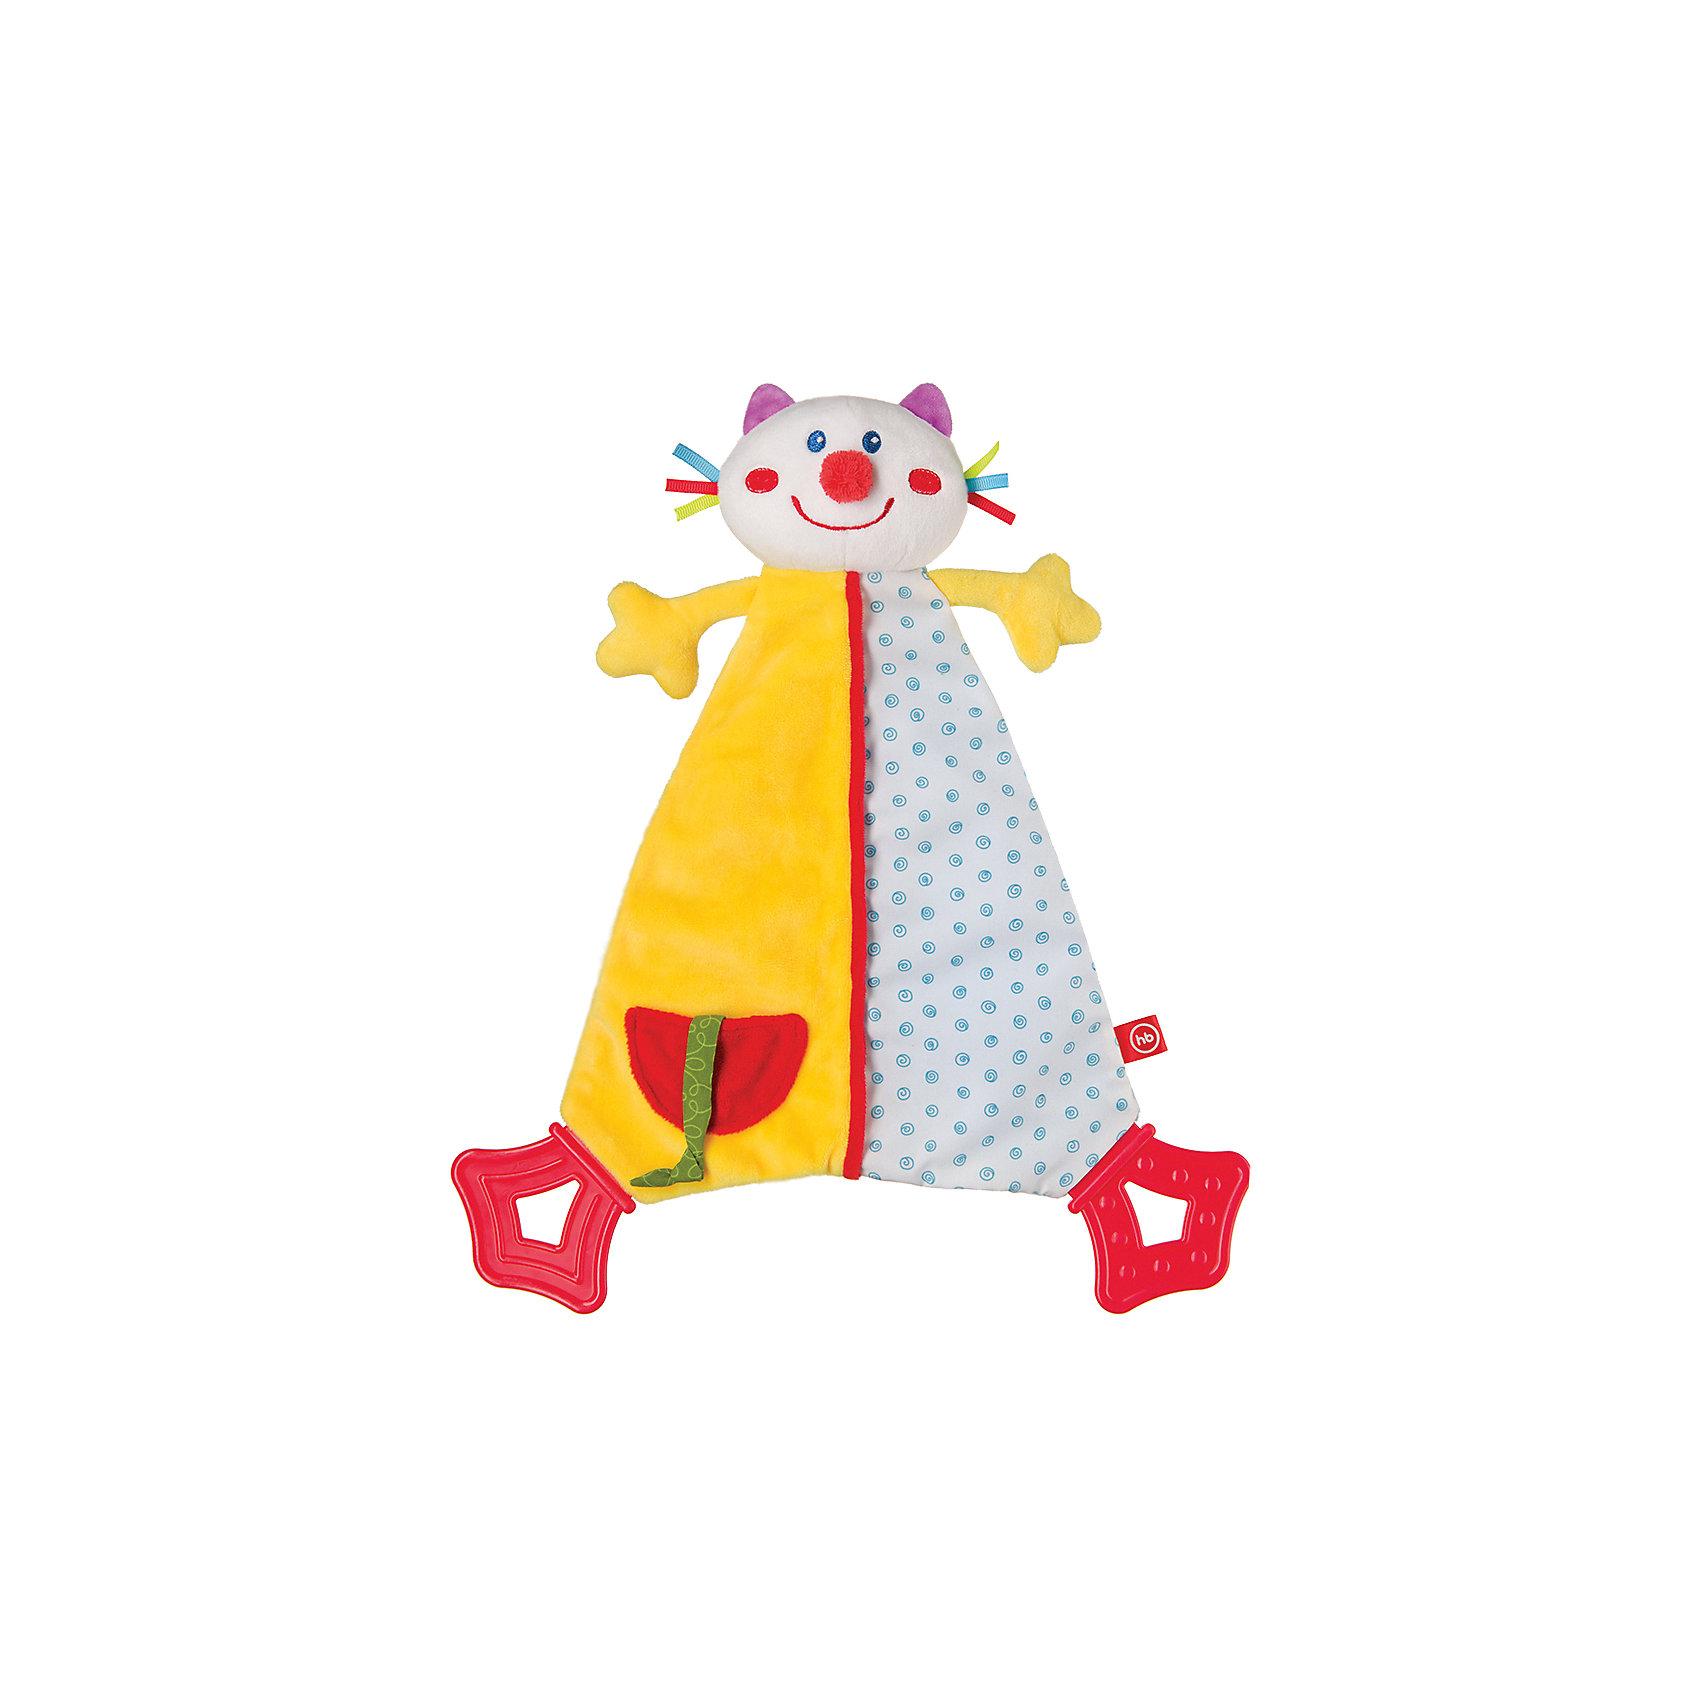 Развивающая игрушка Платок Dreamy Kitty, Happy BabyРазвивающие игрушки<br>Характеристики:<br><br>• Вид игр: развивающие, обучающие<br>• Материал: полиэстер, хлопок, пластик<br>• Наличие звуковых эффектов<br>• Наличие ребристых элементов<br>• Вес: 127 г<br>• Параметры (Д*Ш*В): 5*22*33,5 см <br>• Особенности ухода: влажная и сухая чистка<br><br>Развивающая игрушка Платок Dreamy Kitty, Happy Baby   выполнена в форме веселого котика с большим туловищем. Передние лапки у кота – мягкие, задние – из безопасного пластика с ребристой поверхностью. Сбоку имеется кармашек с ленточкой-тесьмой. Все детали имеют разную фактуру и цвет, что важно для развития тактильных ощущений. Игры с такой игрушкой будут способствовать зрительному и слуховому восприятию, координации движений, будут развивать мелкую моторику рук и эмоциональную сферу ребенка.   <br><br>Развивающую игрушку Платок Dreamy Kitty, Happy Baby можно купить в нашем интернет-магазине.<br><br>Ширина мм: 50<br>Глубина мм: 220<br>Высота мм: 335<br>Вес г: 127<br>Возраст от месяцев: 0<br>Возраст до месяцев: 18<br>Пол: Унисекс<br>Возраст: Детский<br>SKU: 5621708